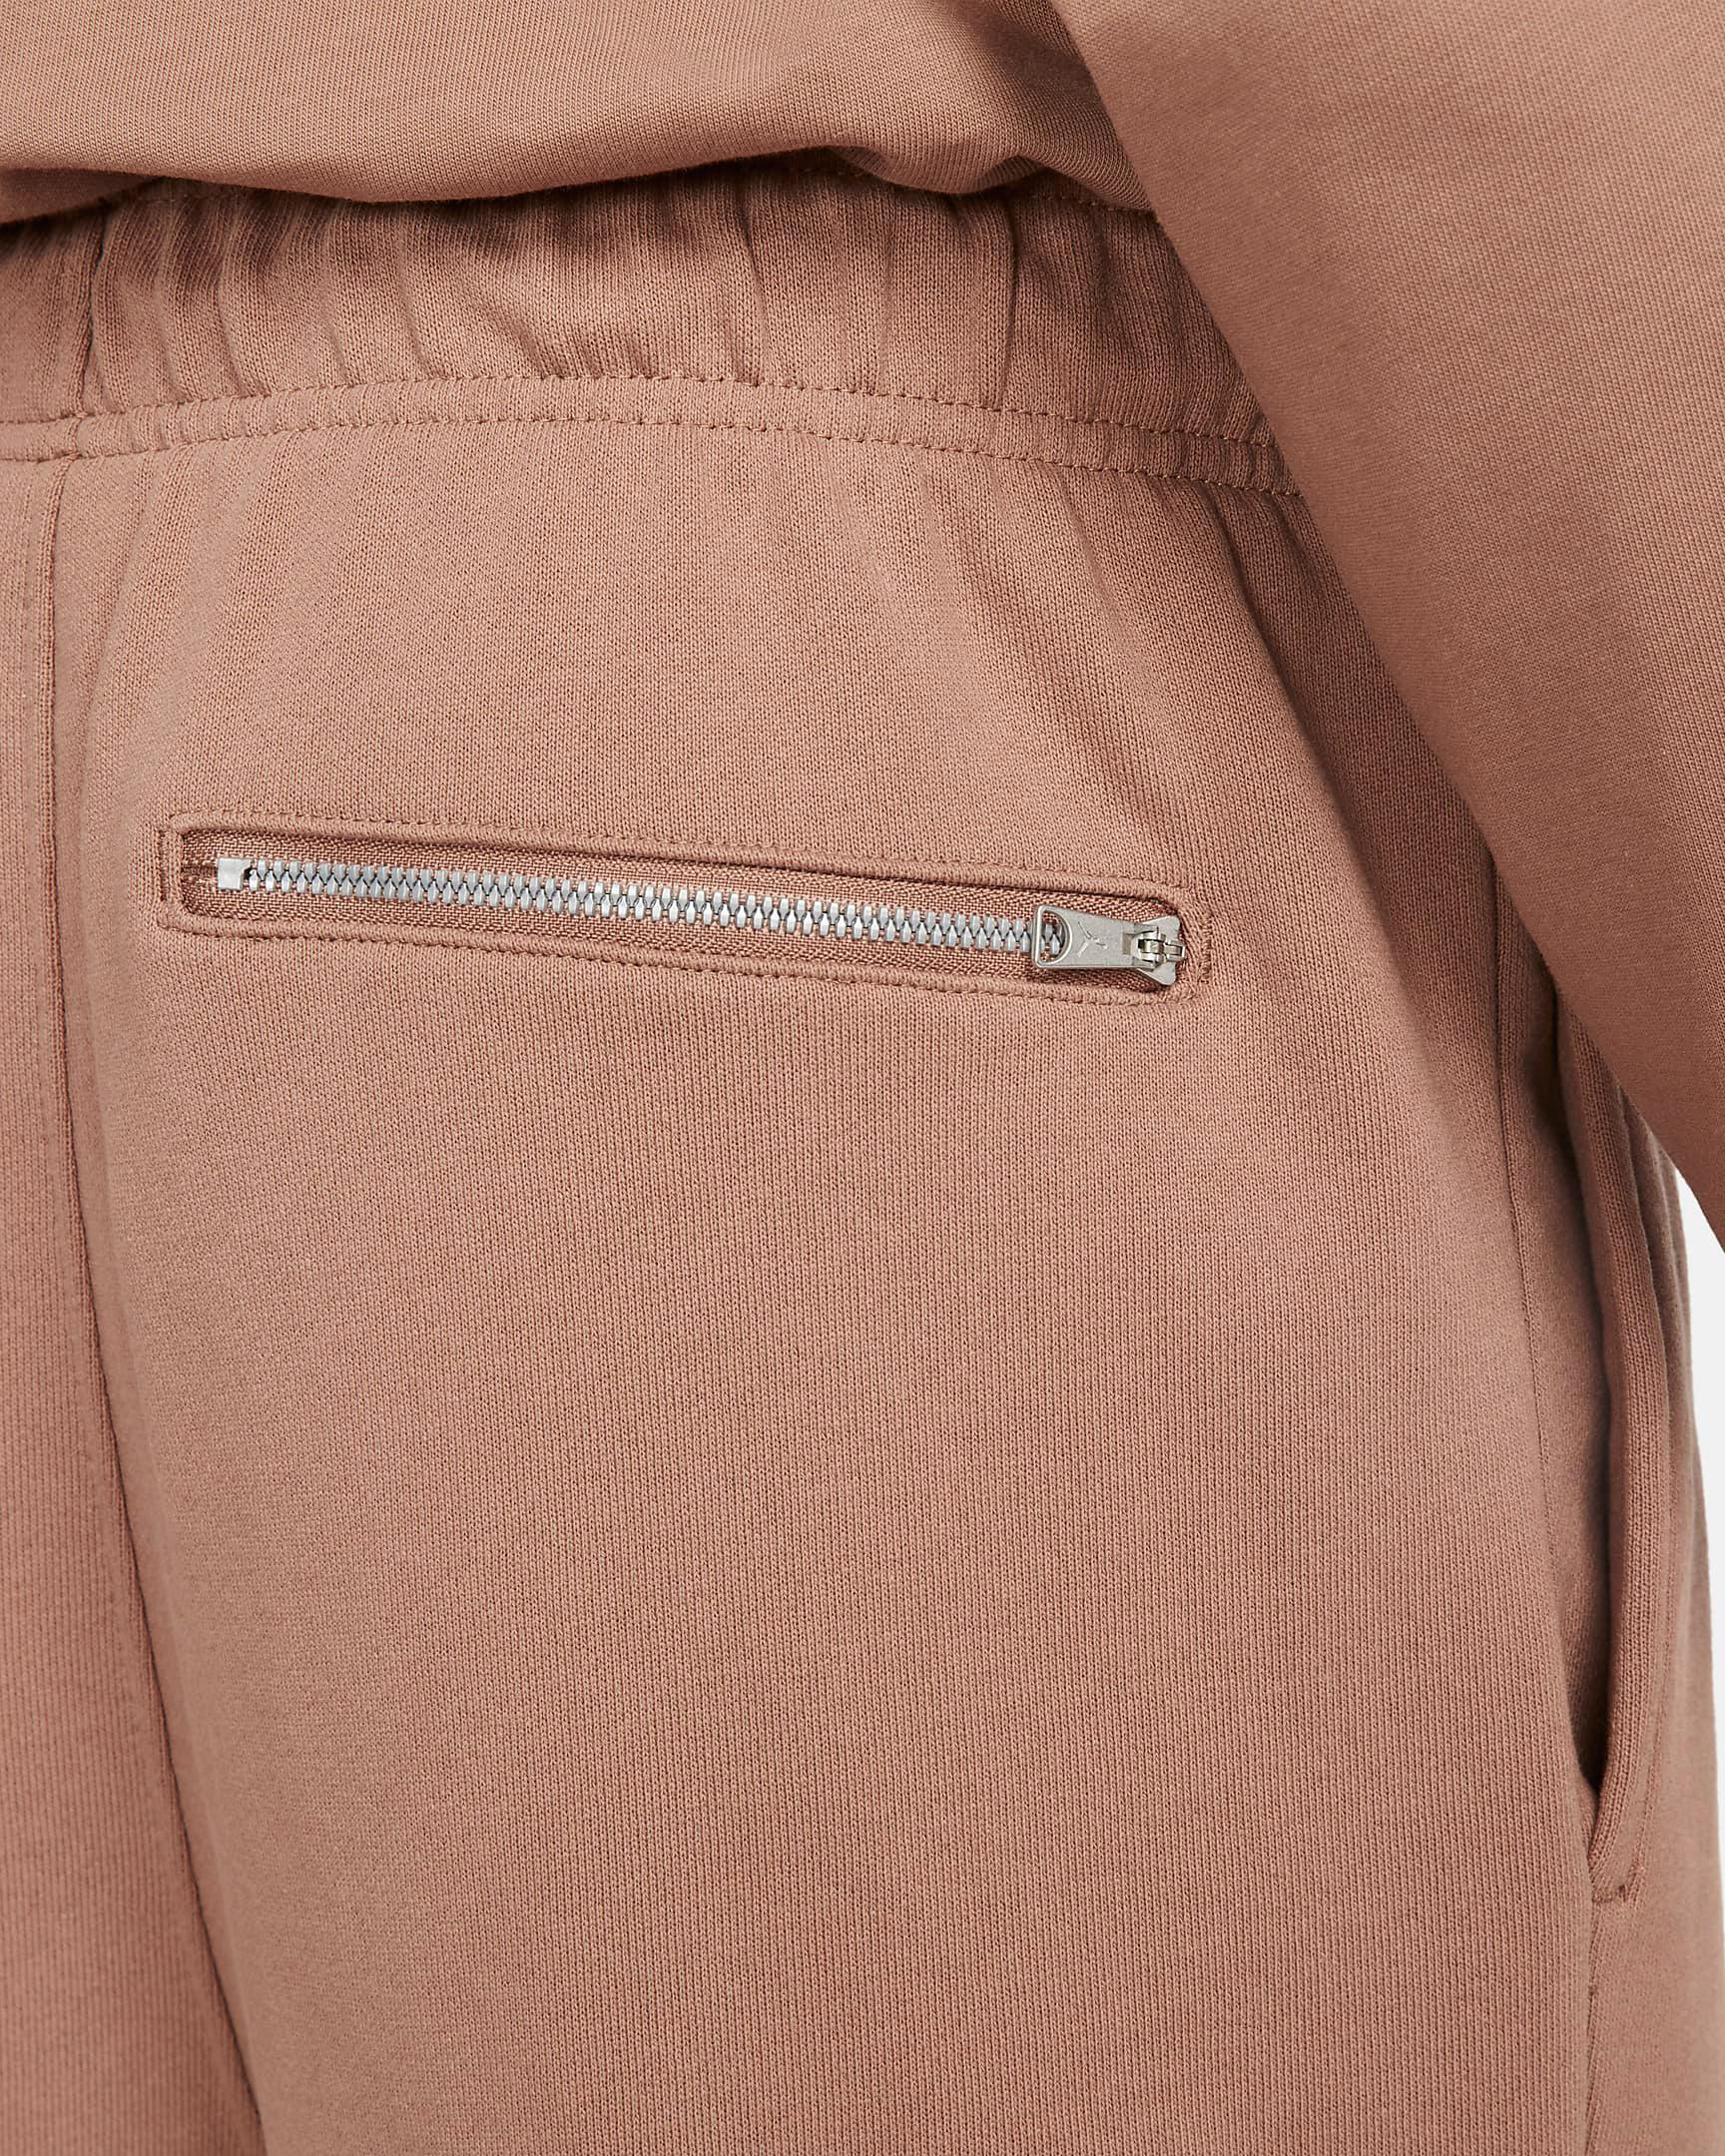 jordan-archaeo-brown-essential-statement-fleece-pants-3